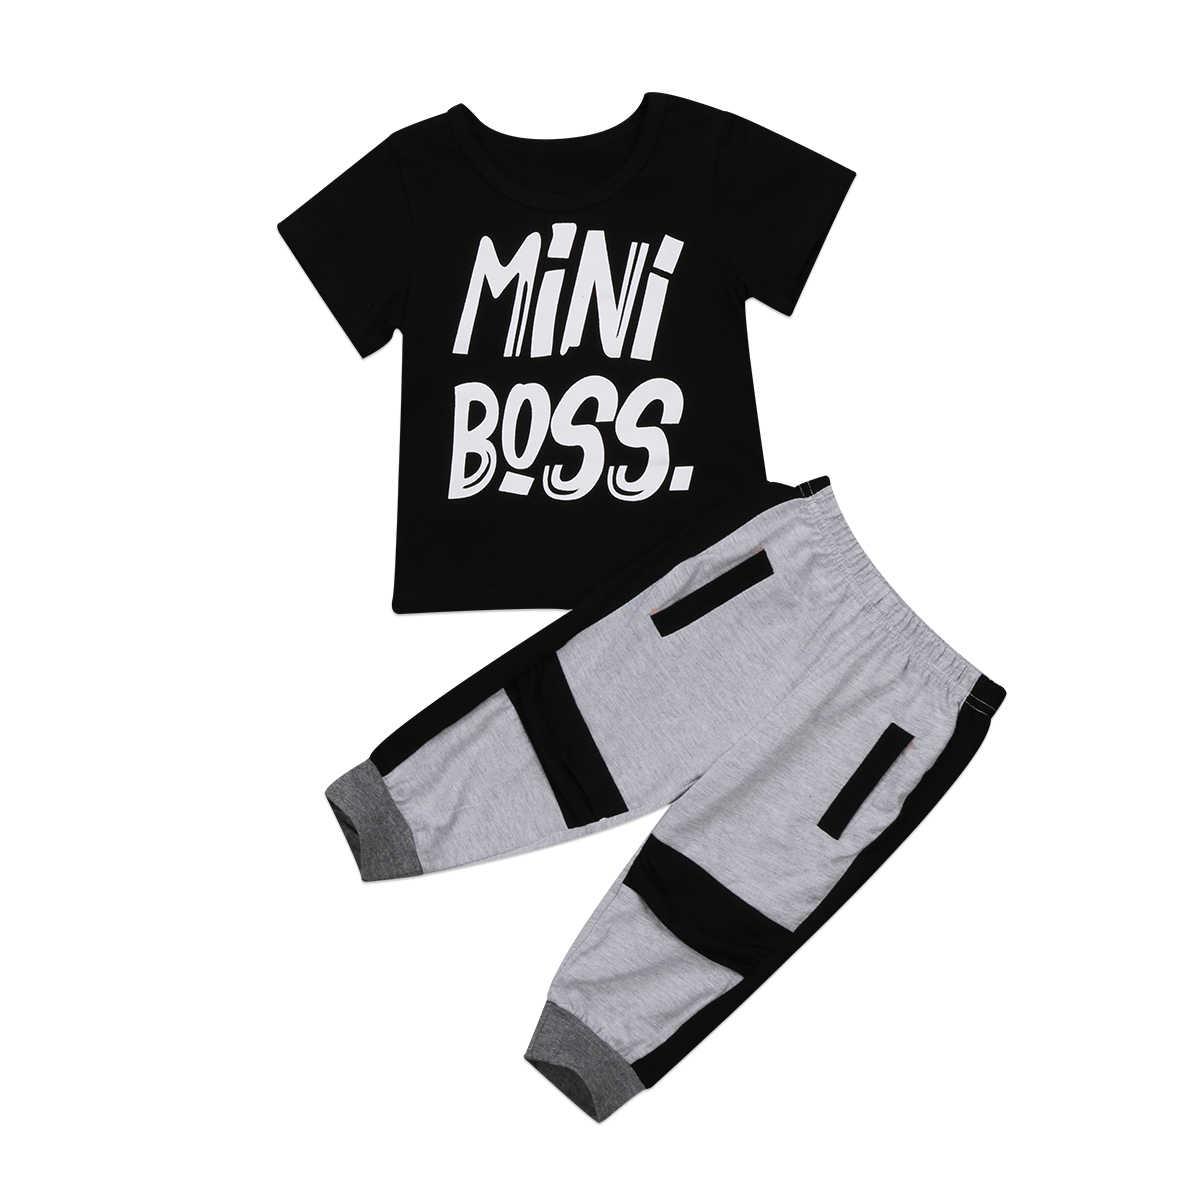 ファッション 2 個子供服ボーイズ Tシャツトップスハーレムパンツ服セットカジュアル夏服 1-6Y